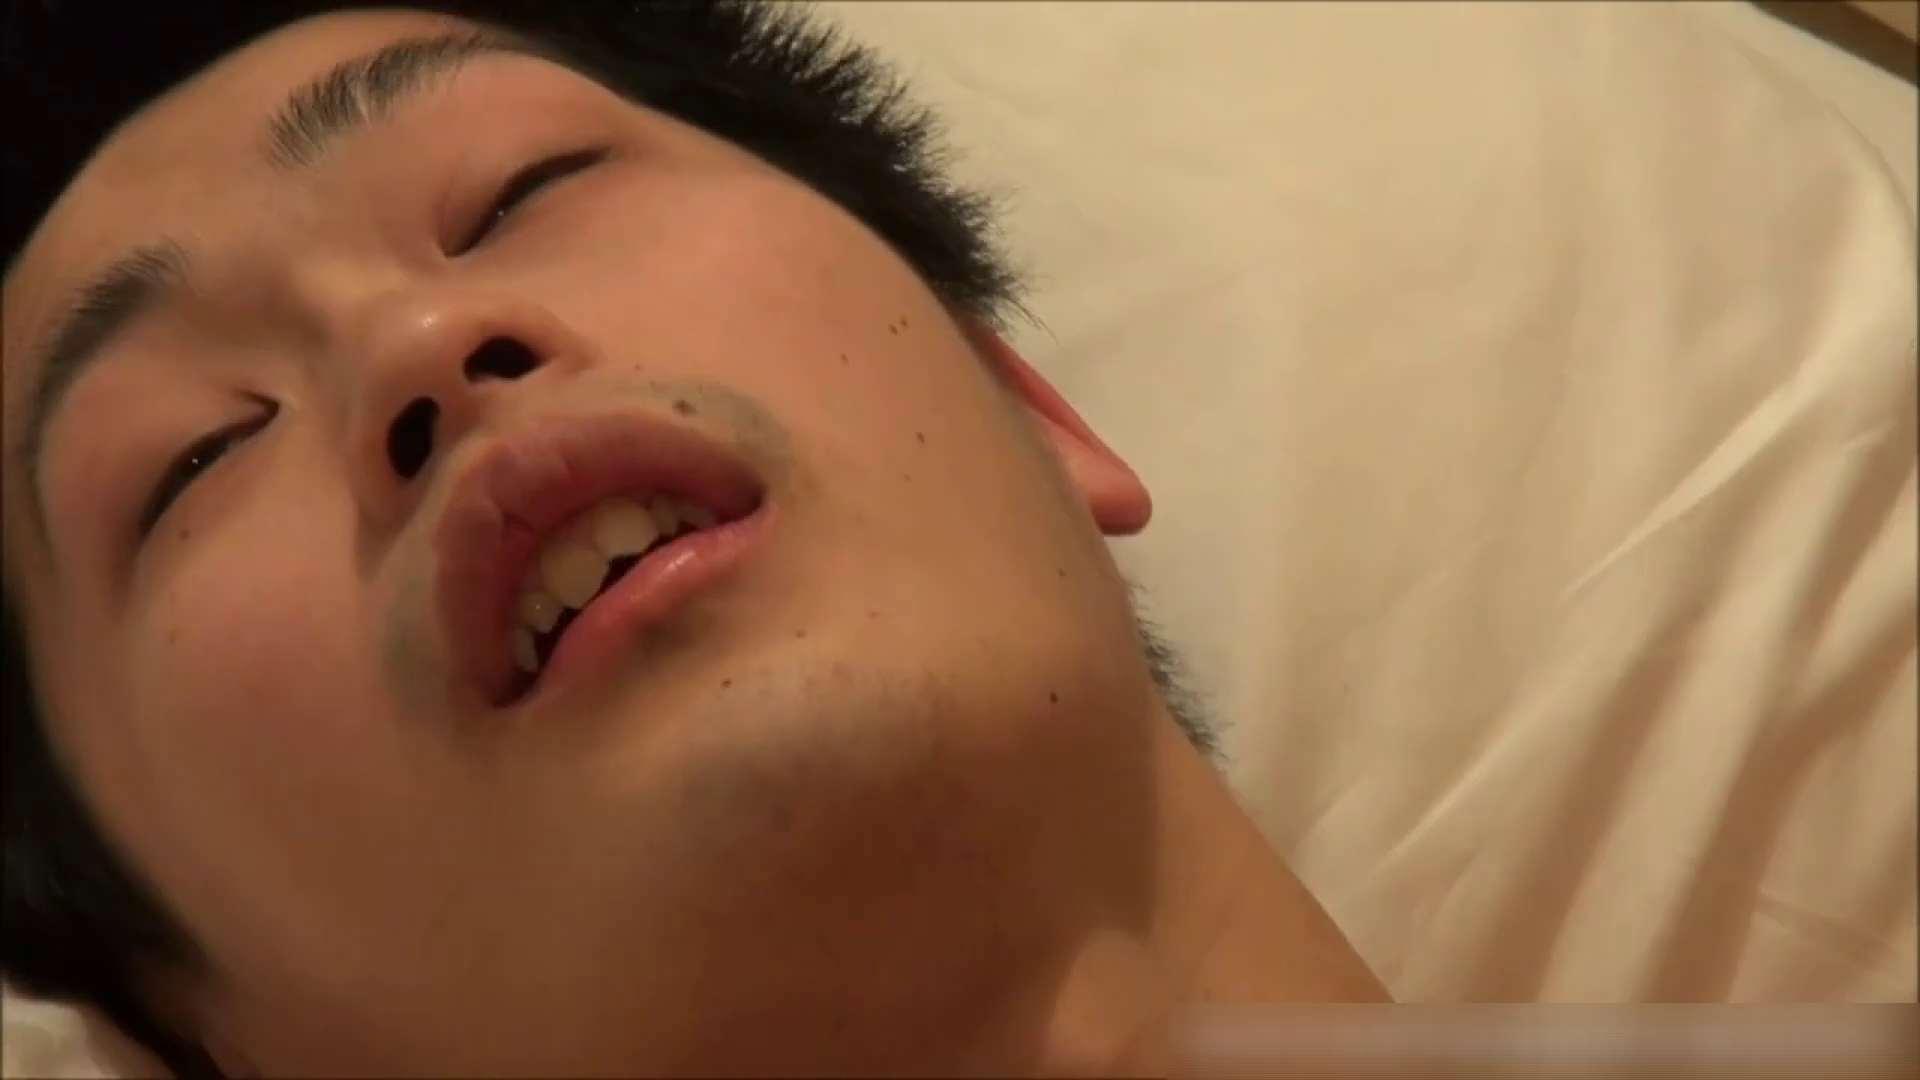 イケメンSEX!嗚呼!男達の挽歌Vol.04 オナニー ゲイエロ動画 94pic 32